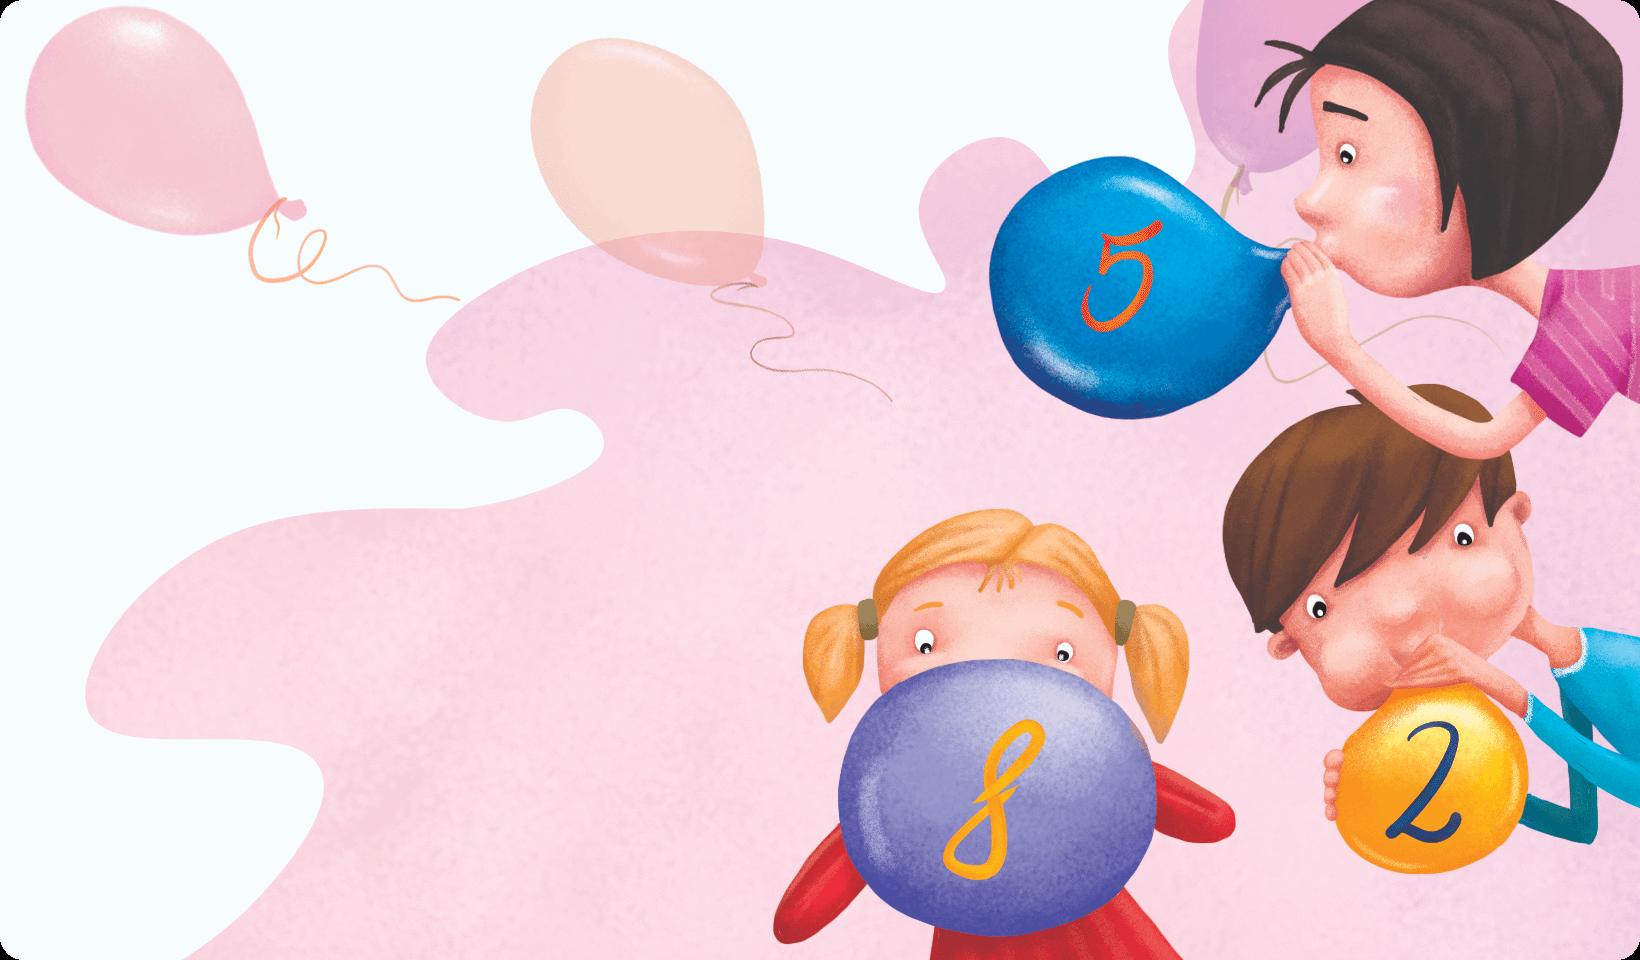 Grupa dzieci nadmuchiwuje baloniki